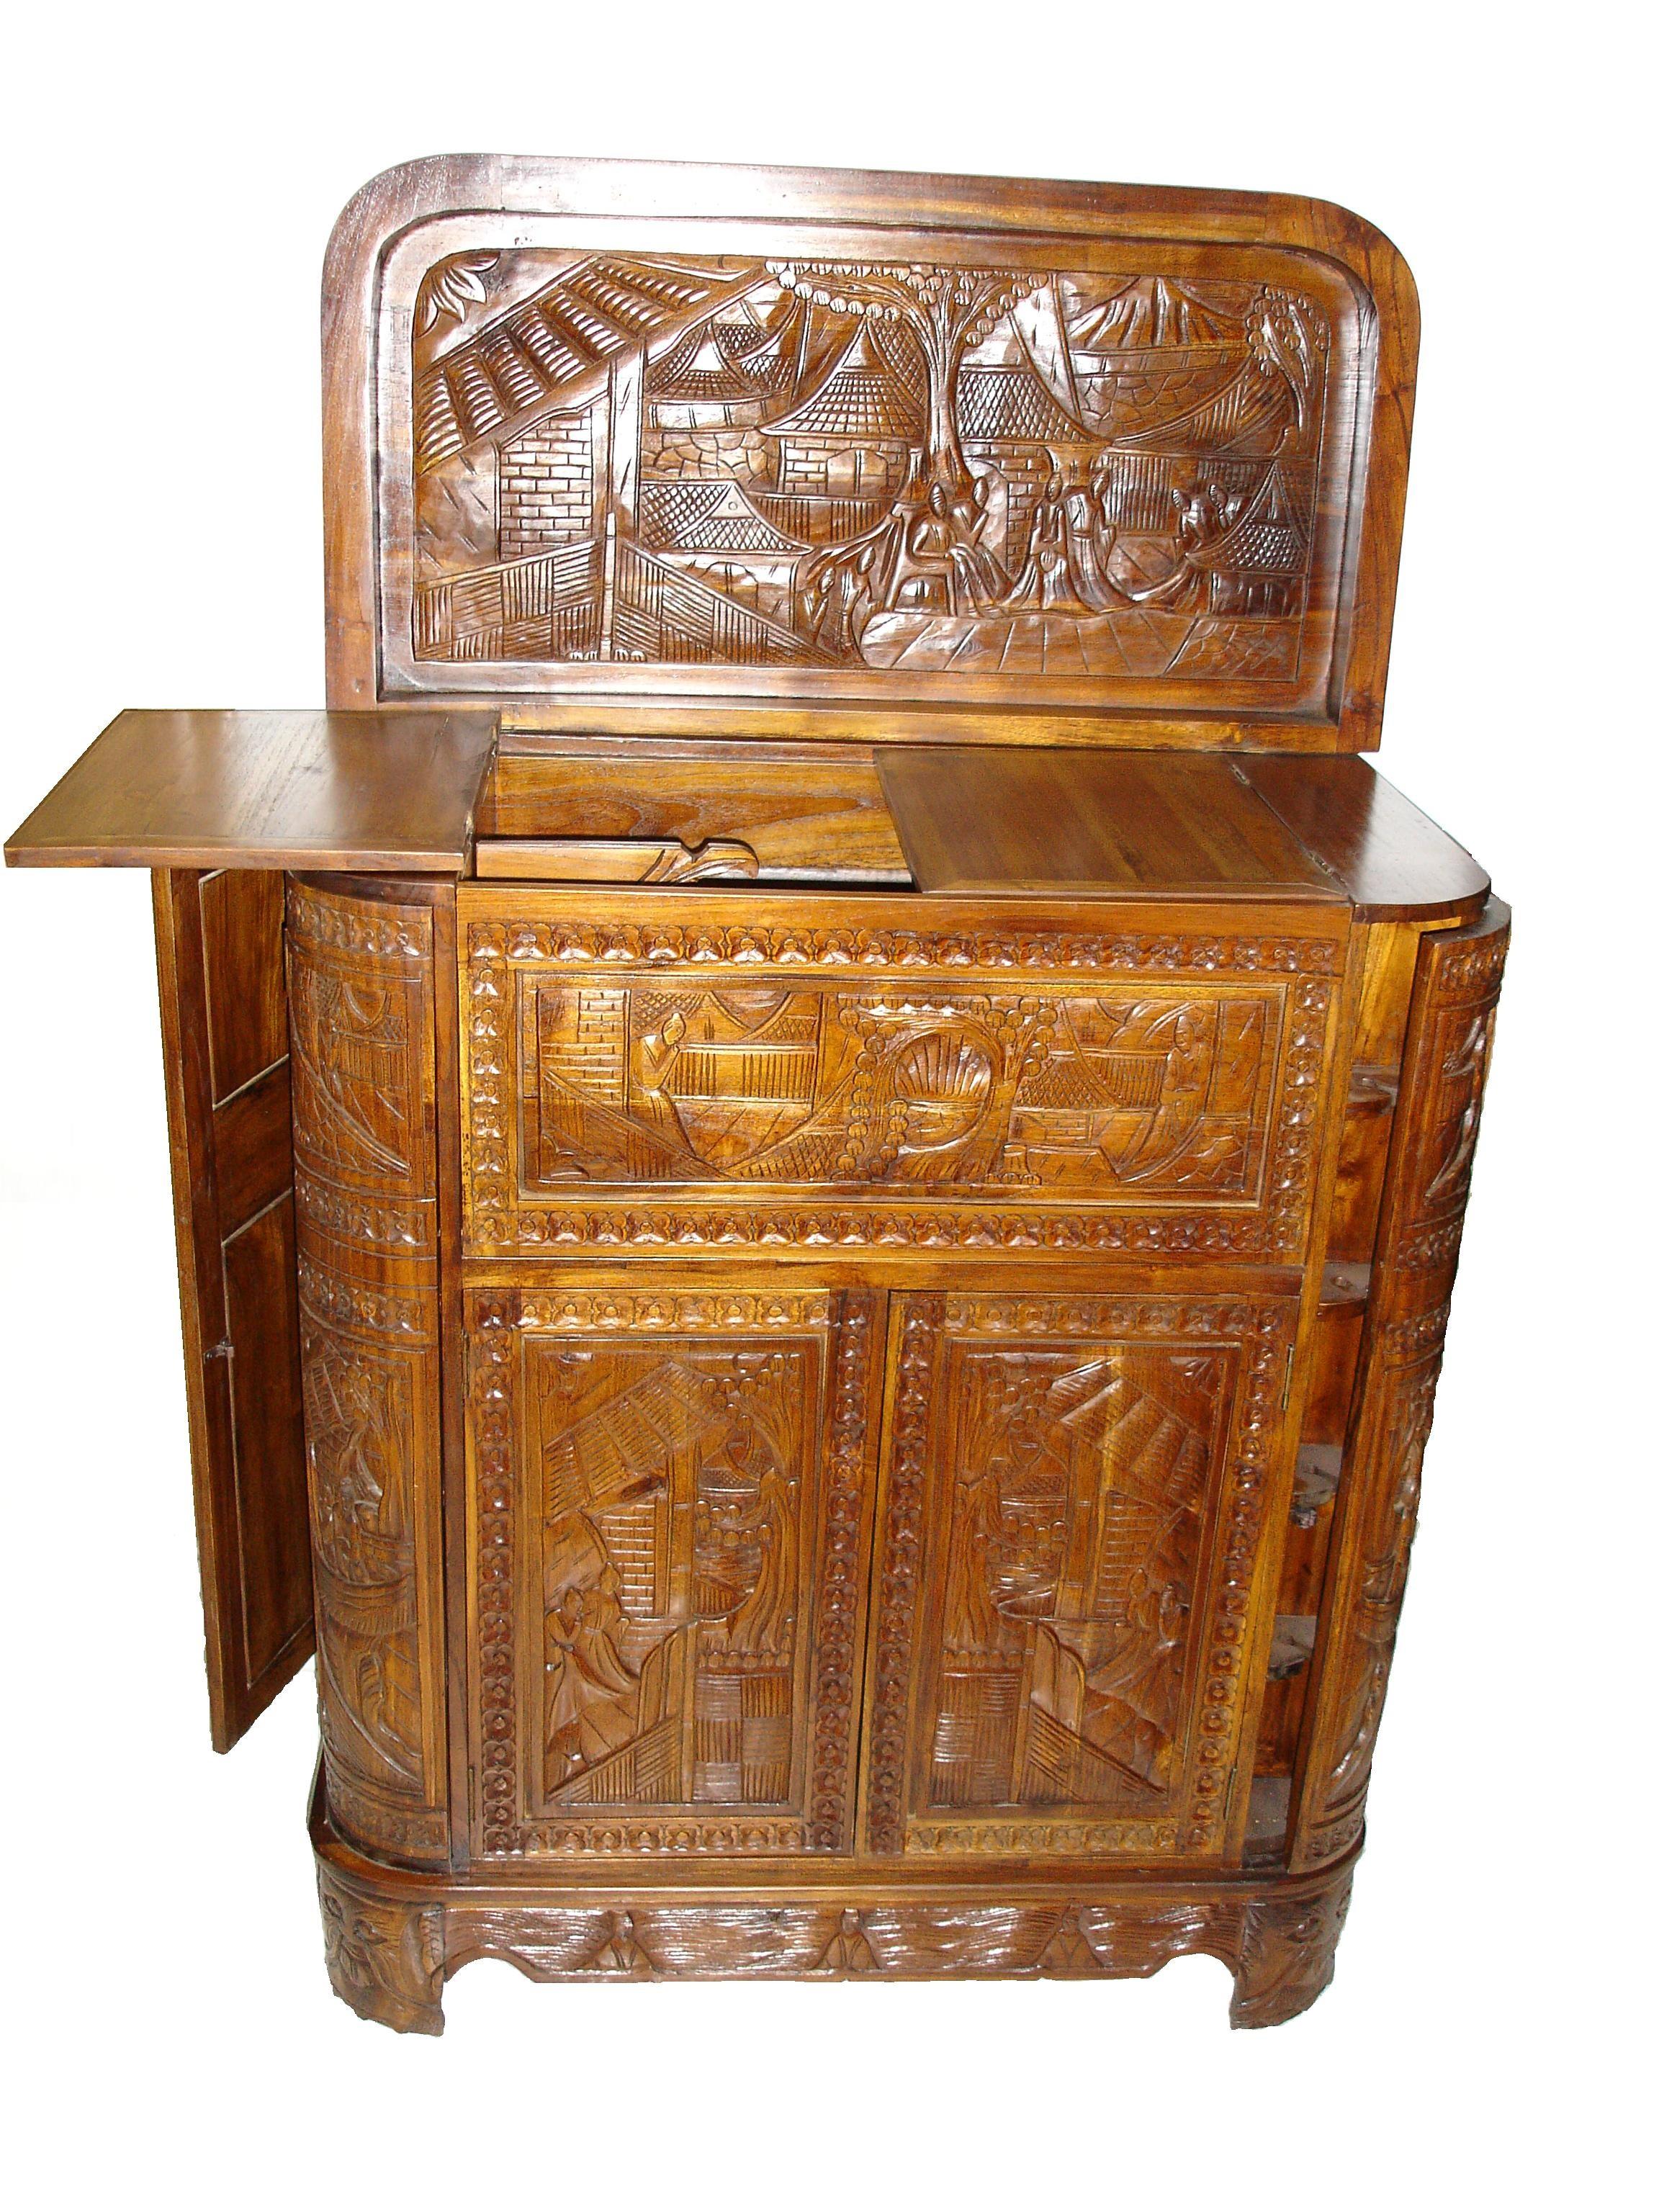 Muebles De Madera Teca Fabulous Cocina Madera Teca Mueble Bar De  # Muebles Teca Interior